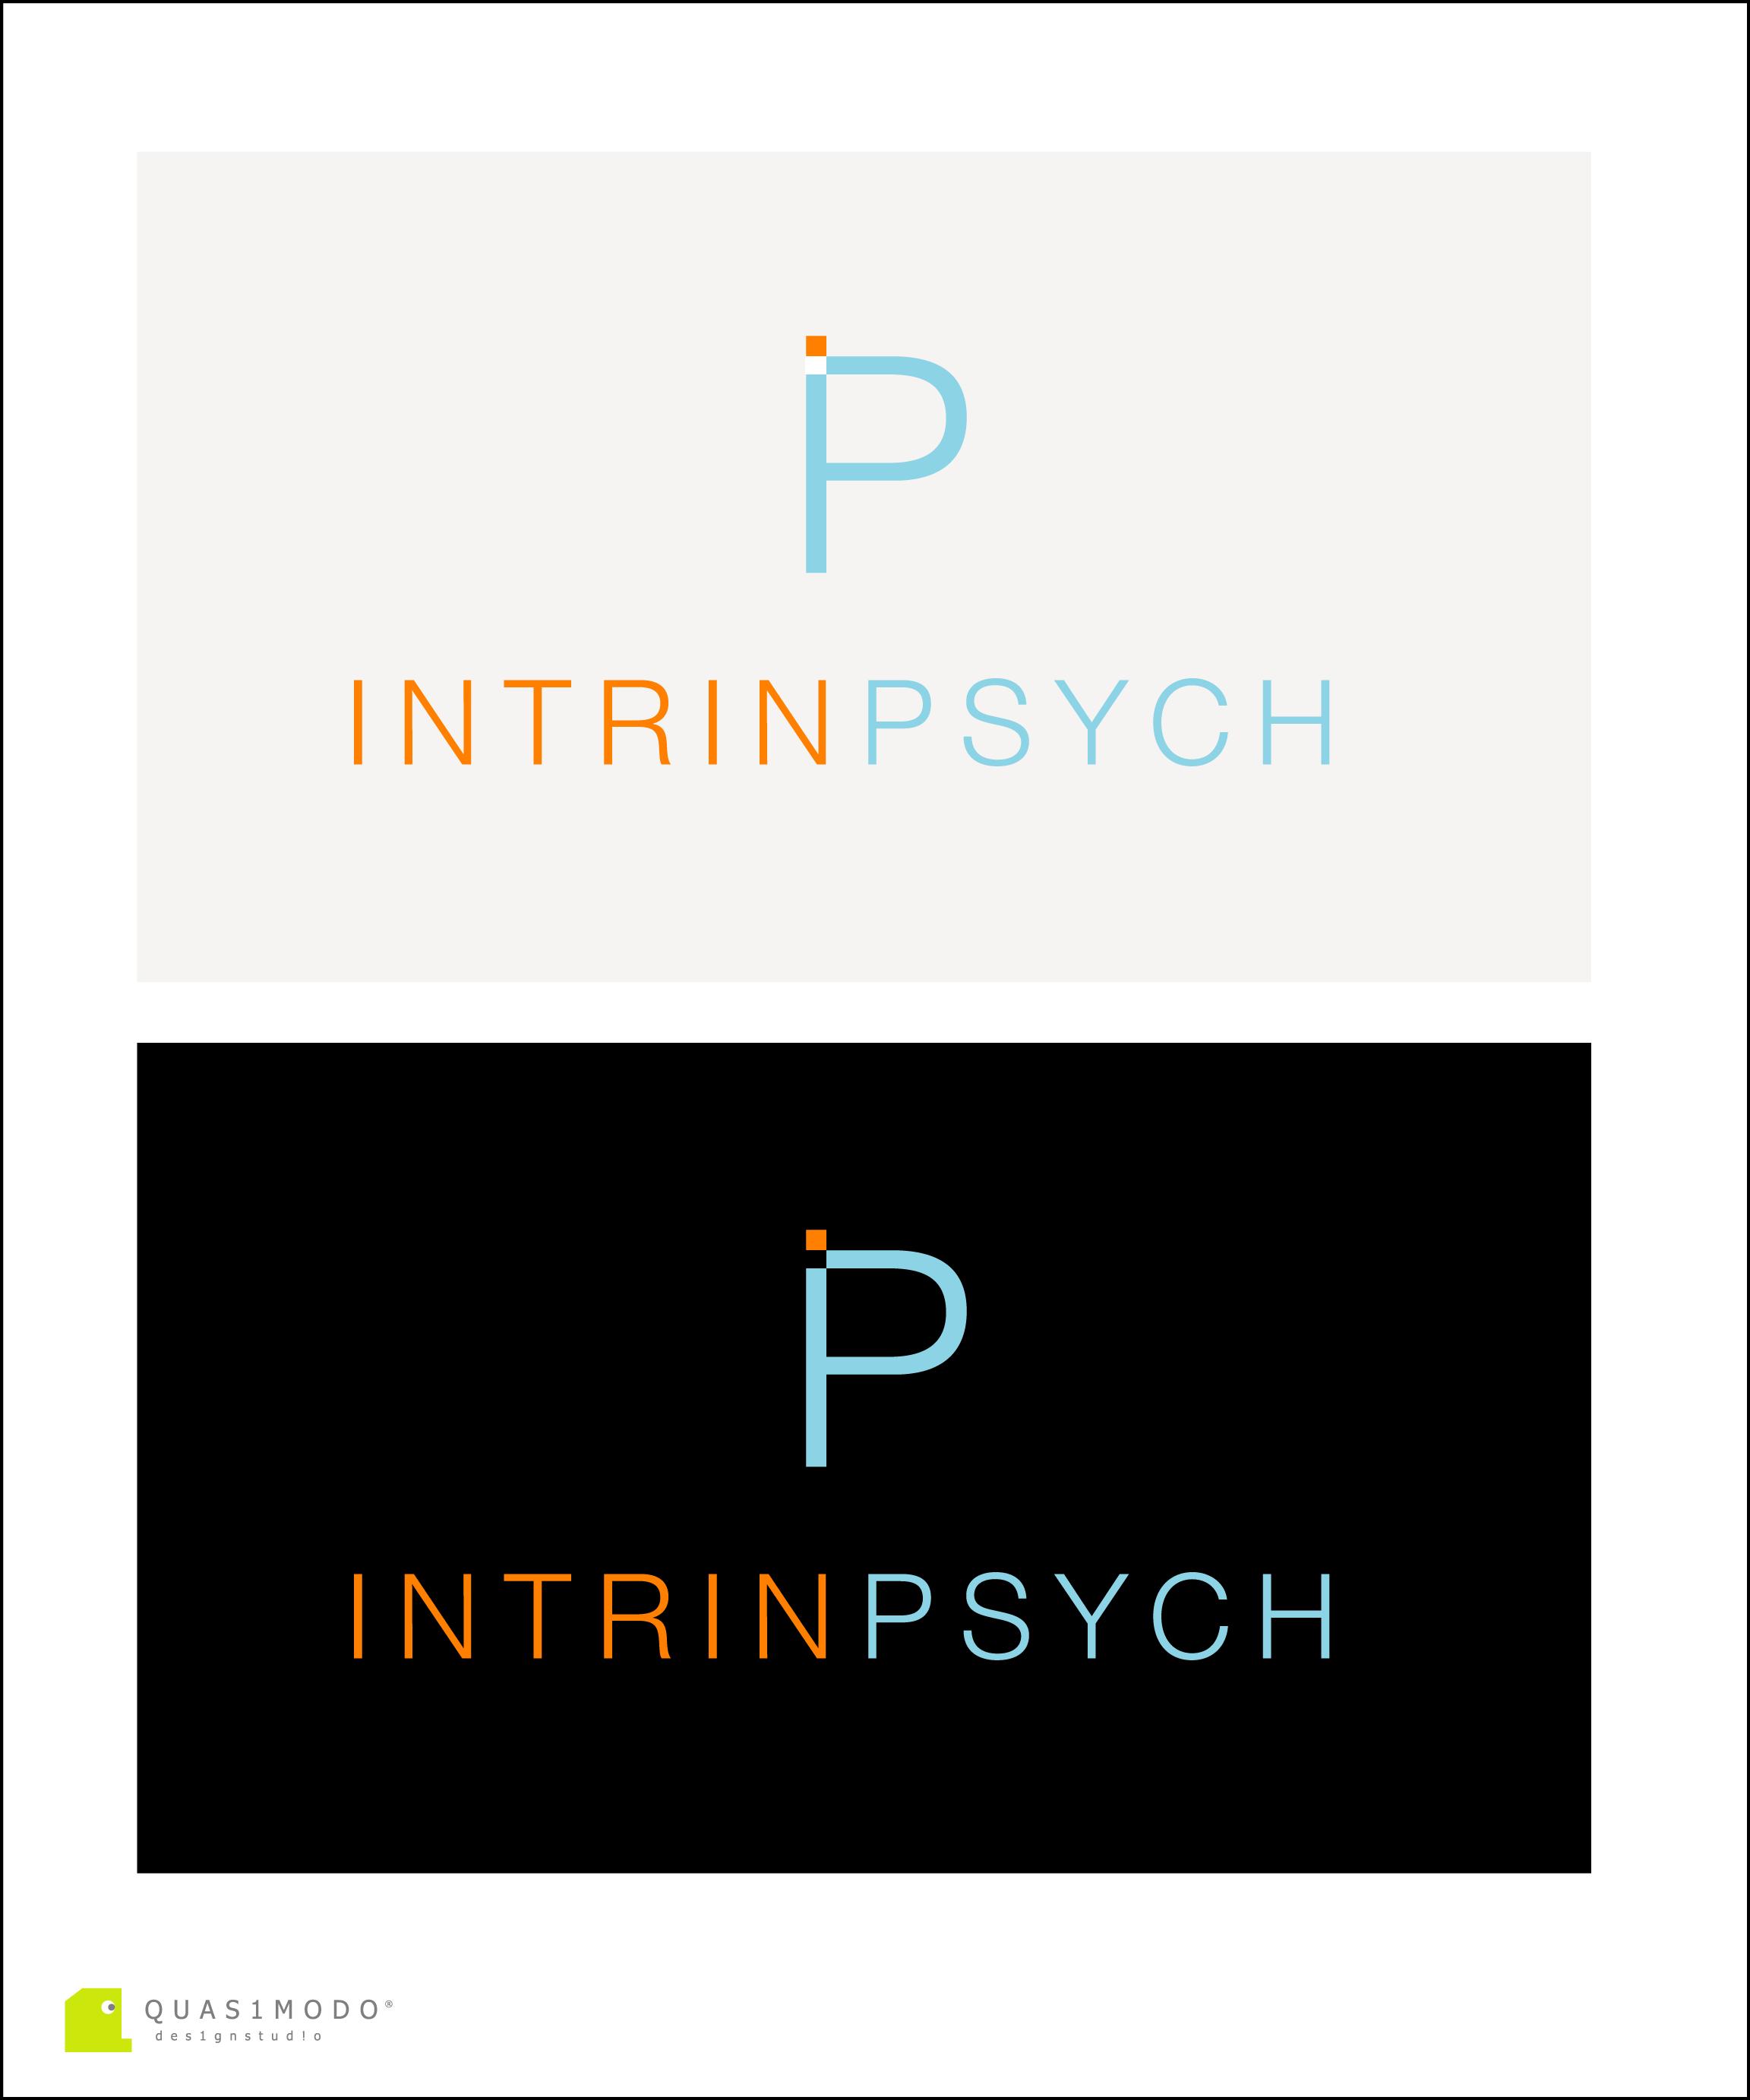 Logo Design by DIMITRIOS PAPADOPOULOS - Entry No. 209 in the Logo Design Contest New Logo Design for IntrinPsych.